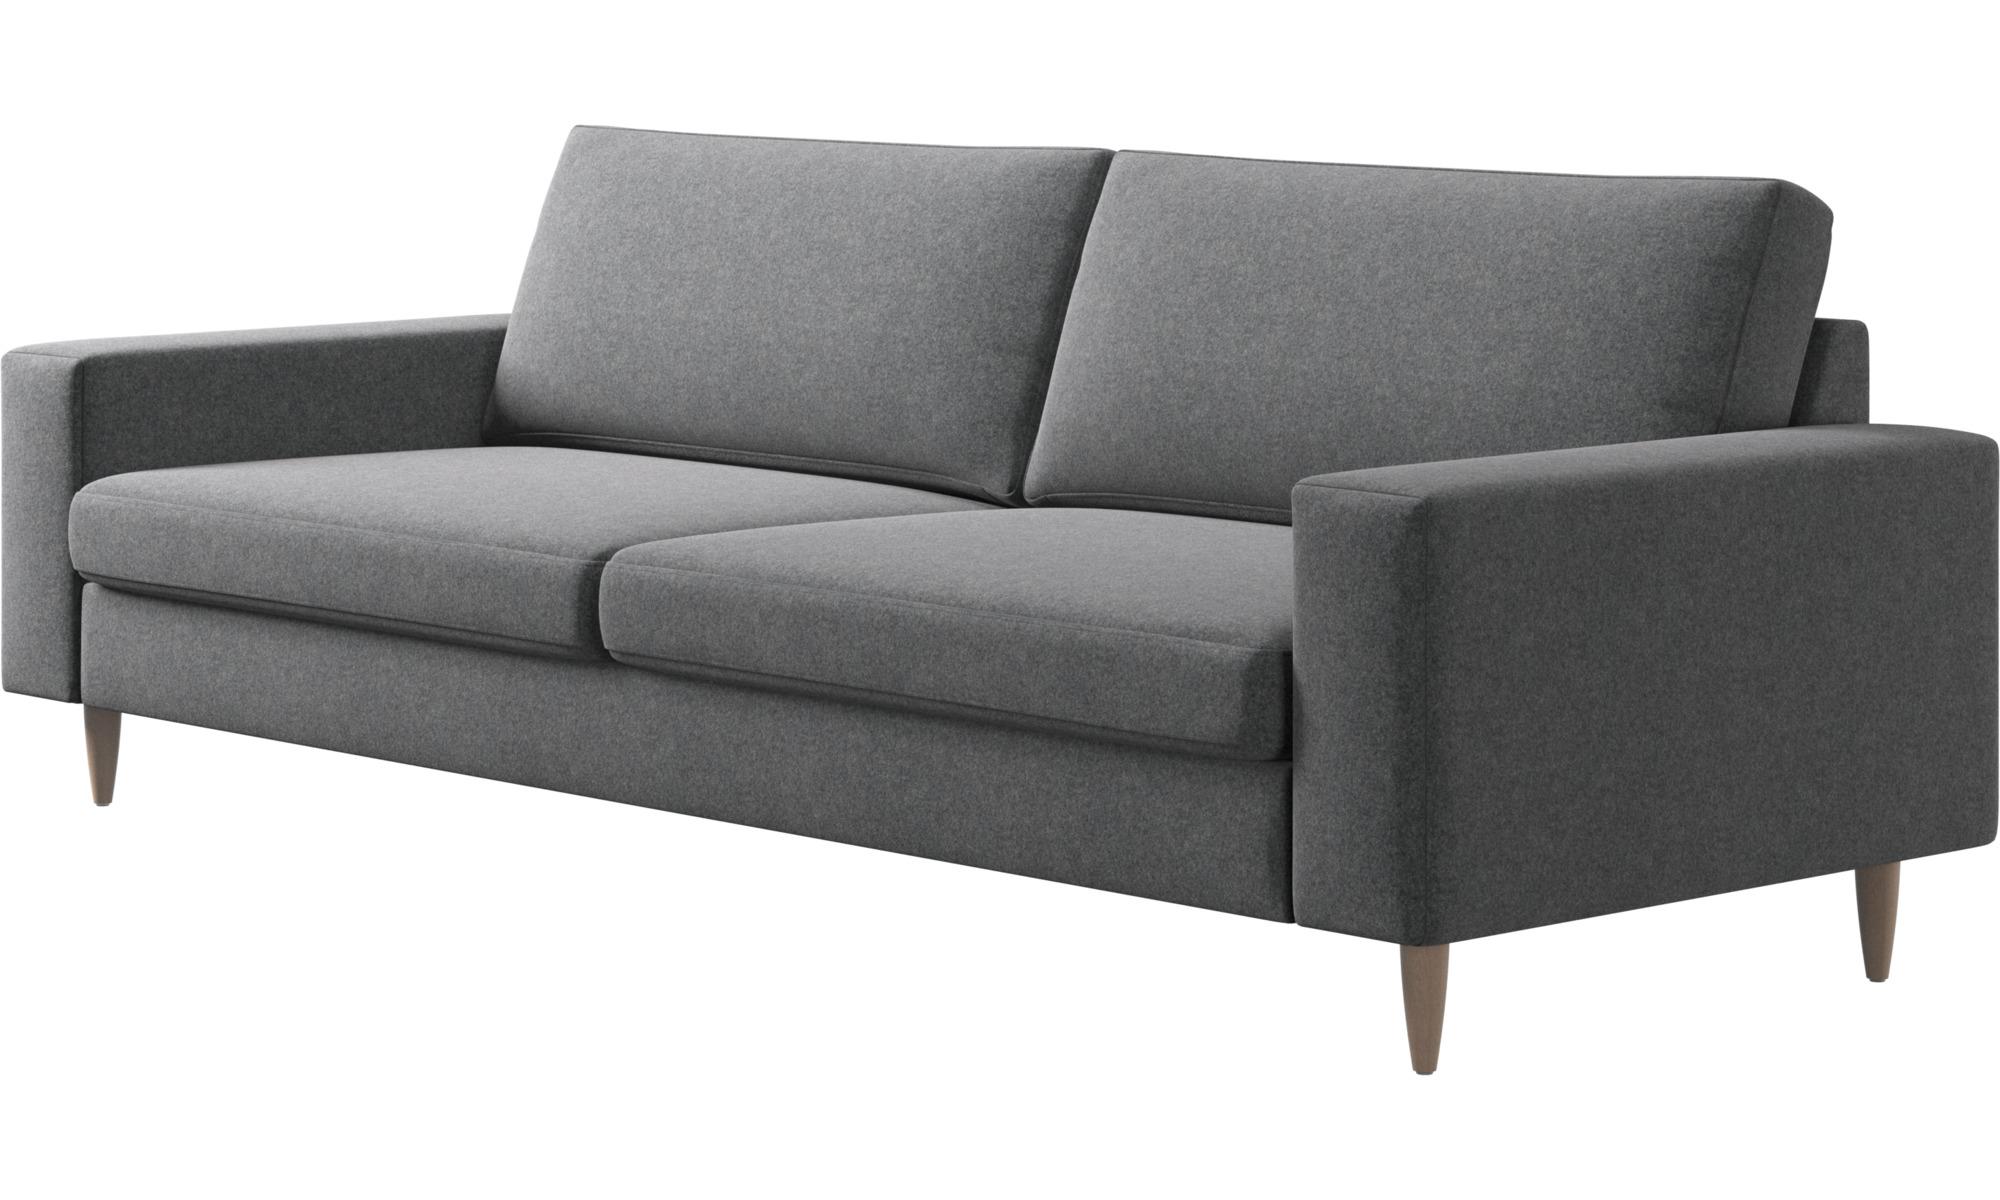 Full Size of Couch Grau 2 Und 3 Sitzer Sofa Leder Mit Schlaffunktion Rattan Ikea Samt Sofas Indivi Boconcept Verstellbarer Sitztiefe Karup Delife Tom Tailor Luxus Inhofer Sofa Sofa 3 Sitzer Grau